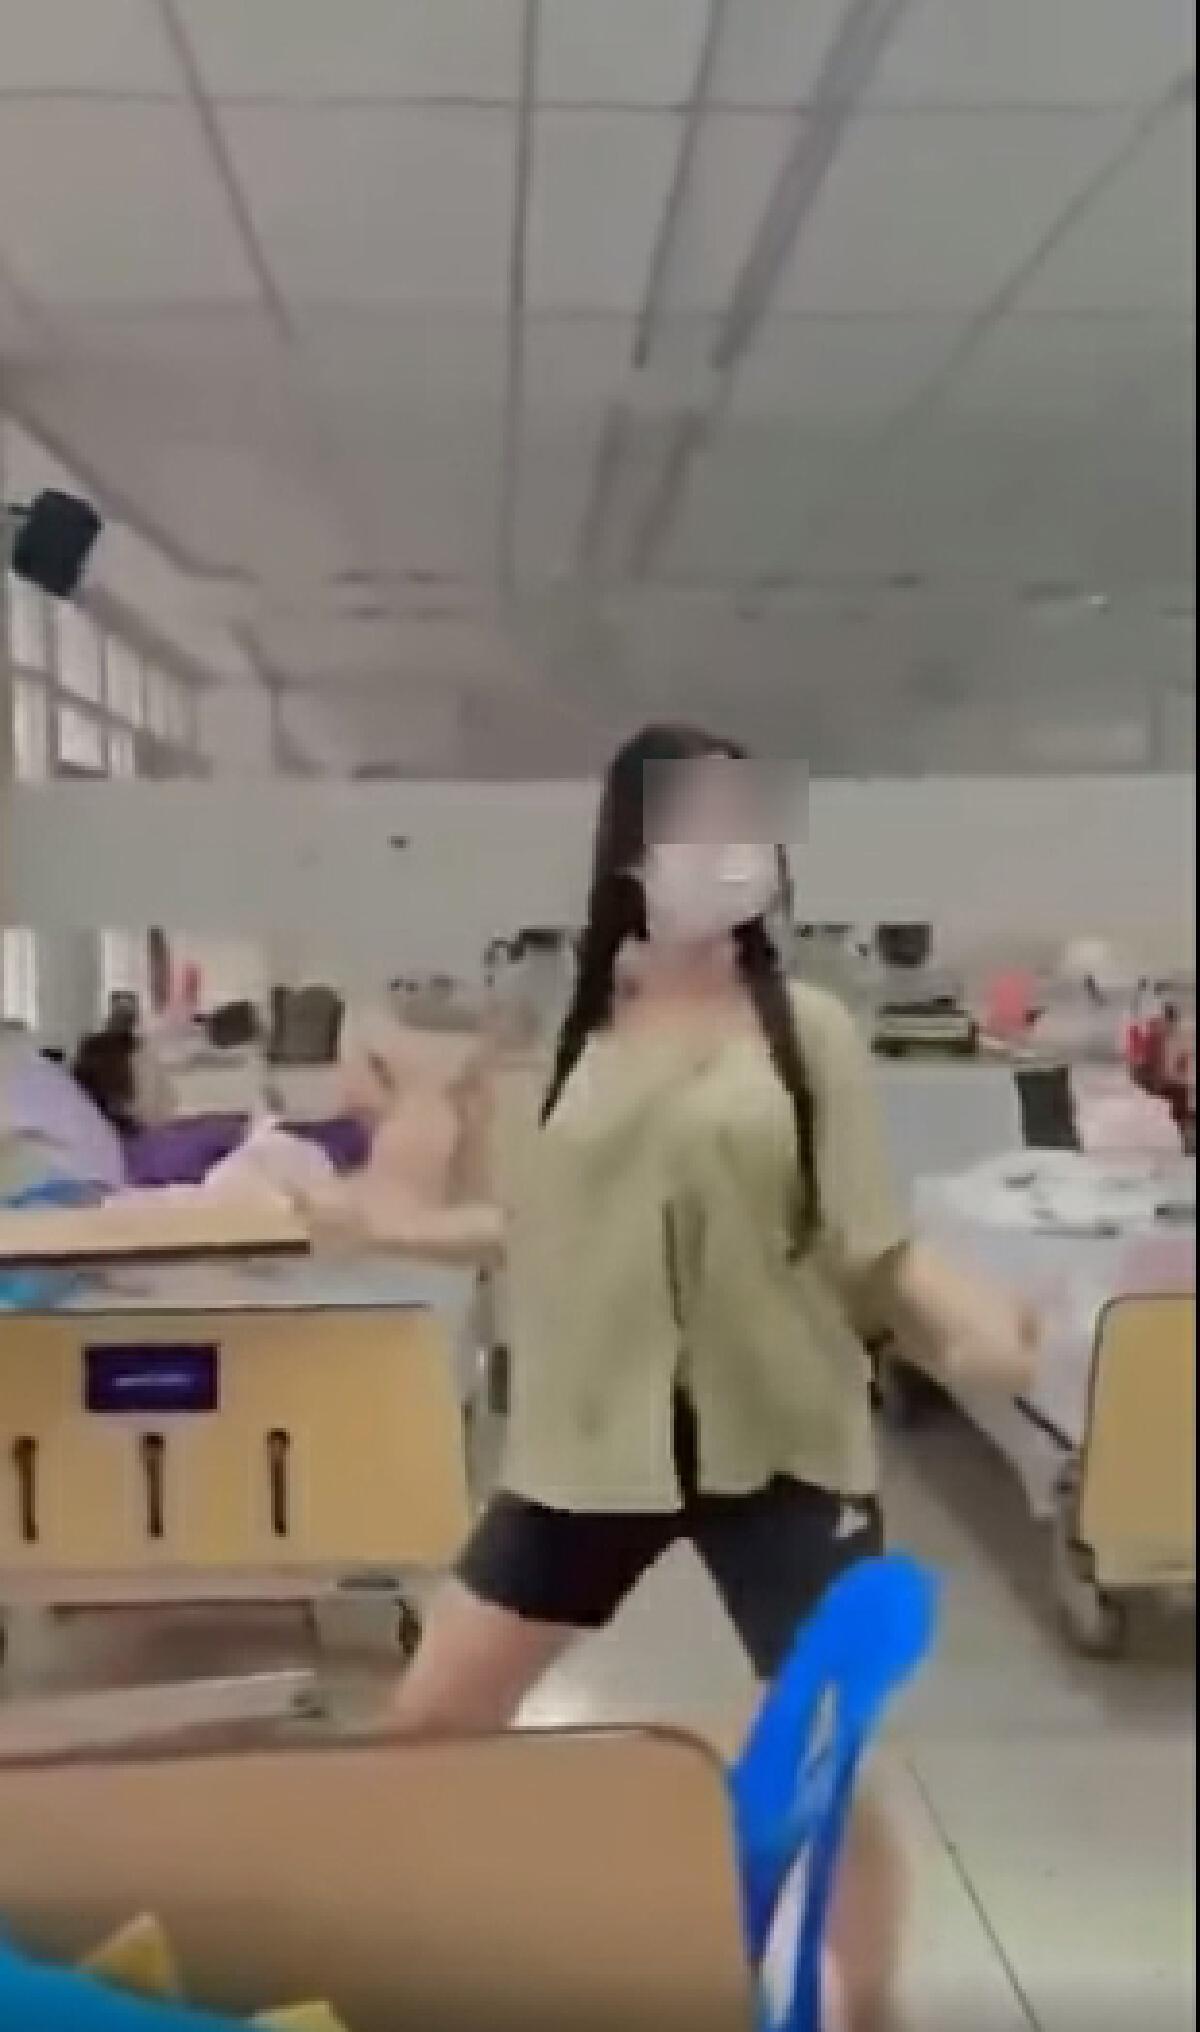 สาวติดโควิด เปิดเพลงเต้นสนั่นโรงพยาบาลสนามไม่แคร์ผู้ป่วยเตียงข้างๆ